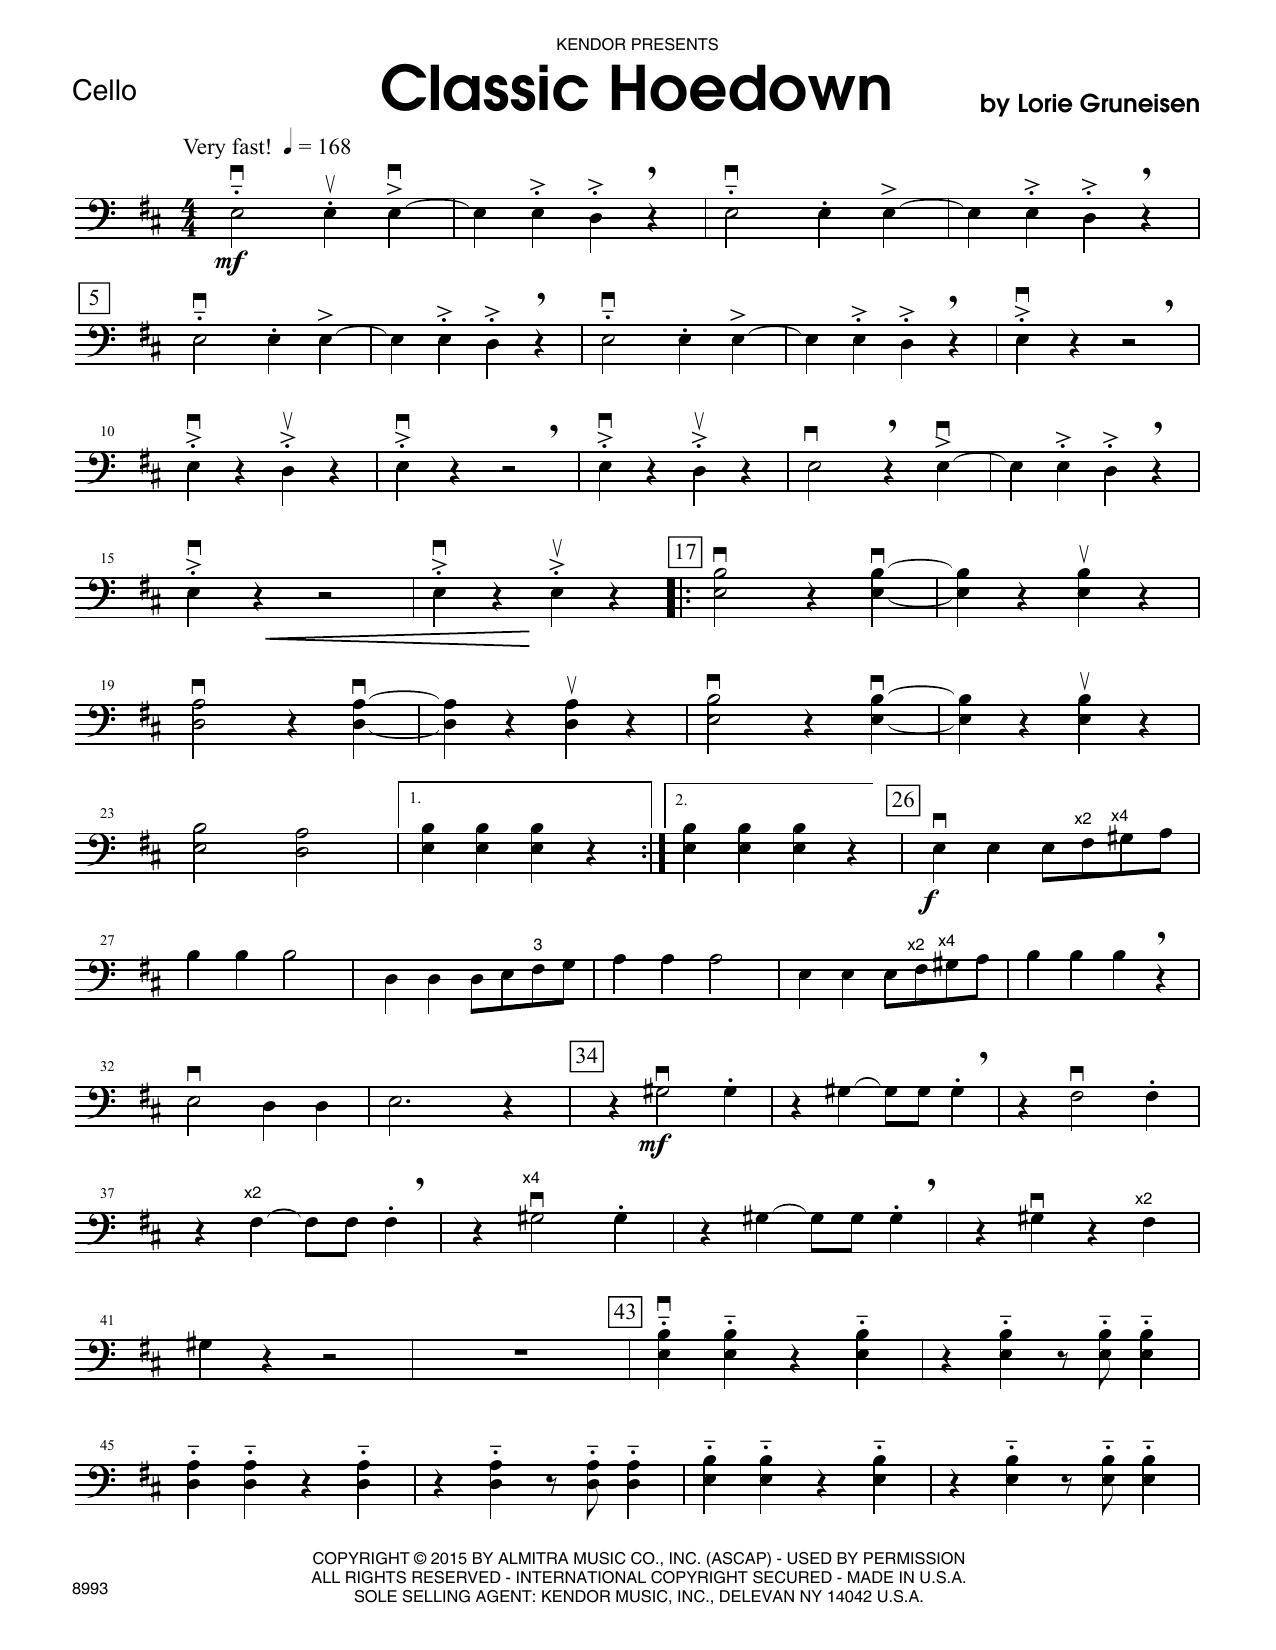 Classic Hoedown - Cello